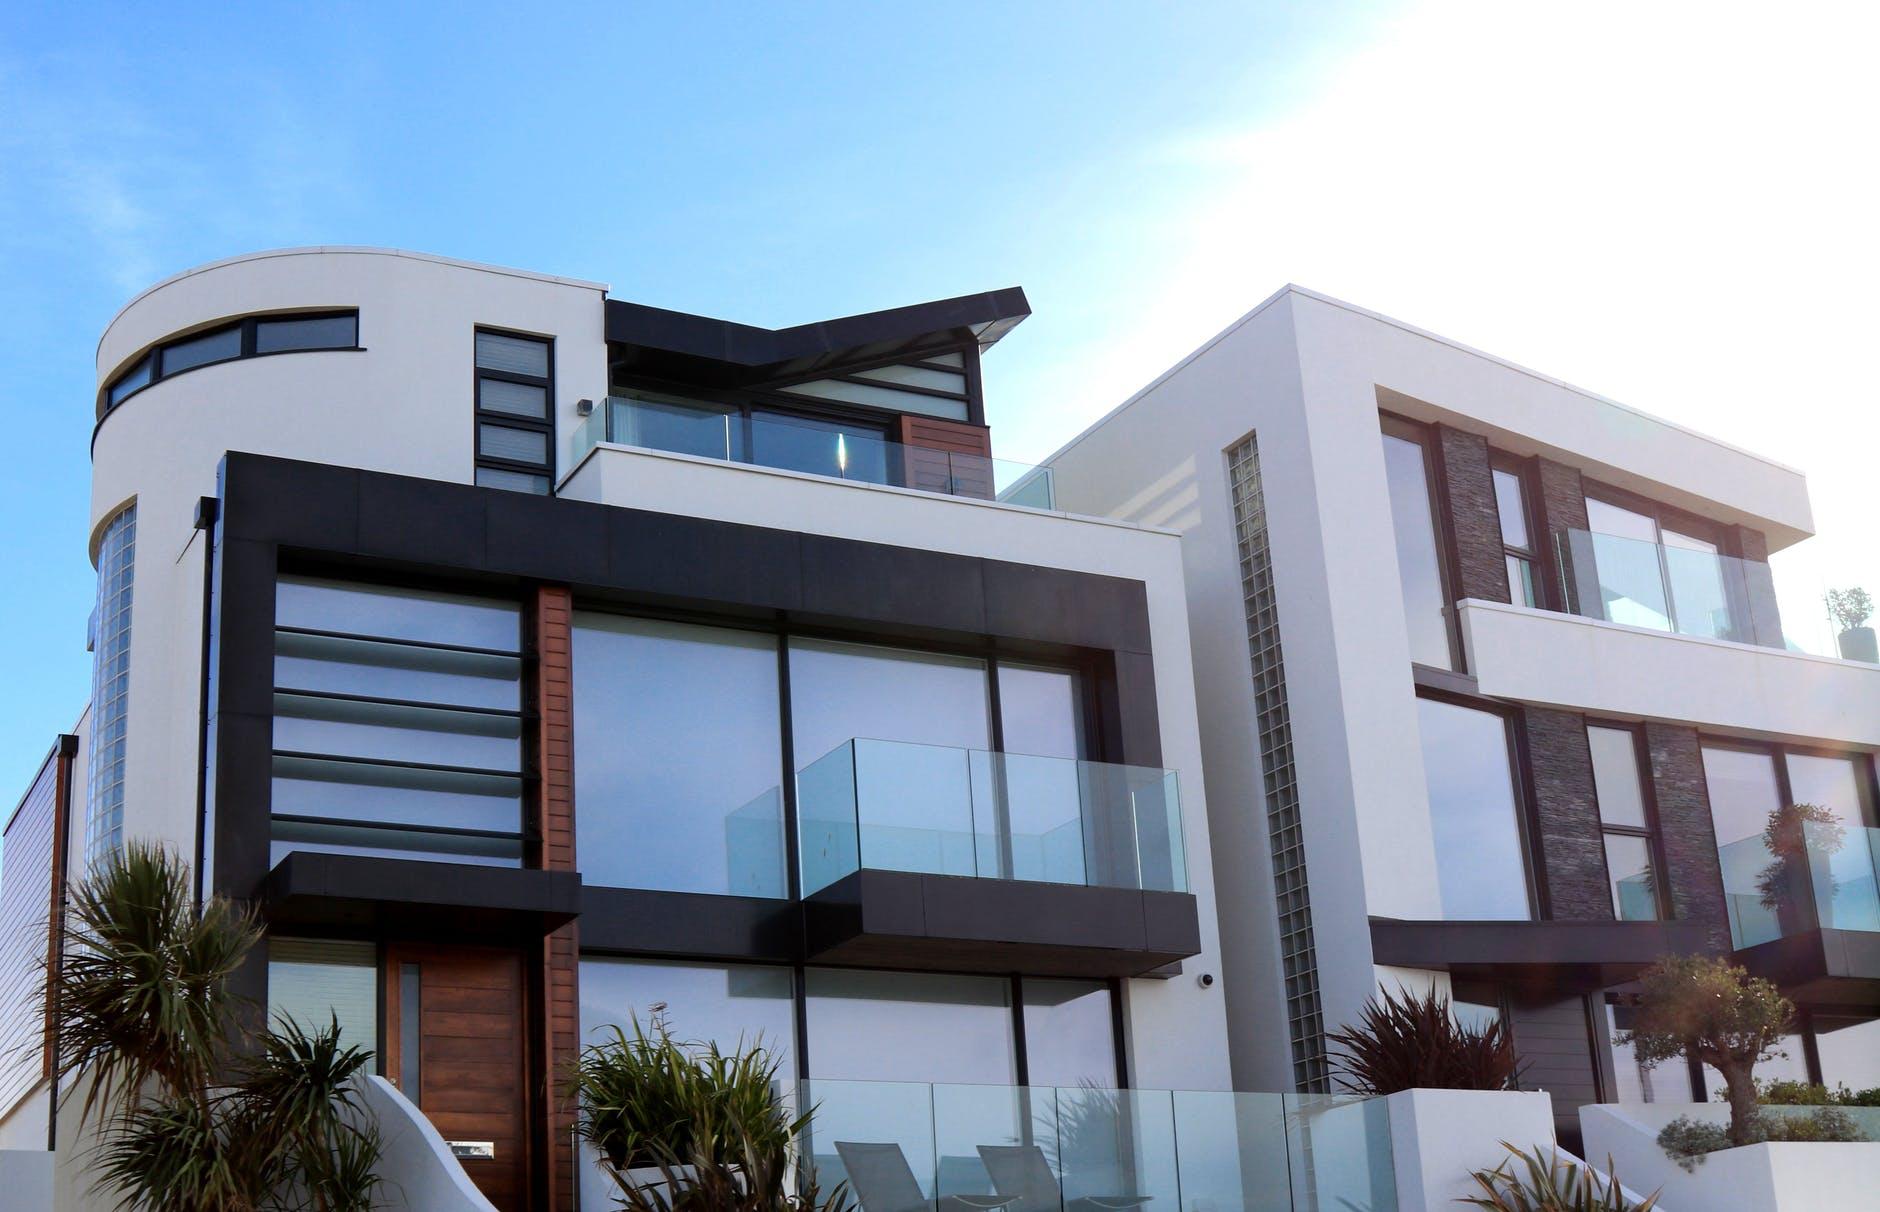 كيفية تصميم منزل بنفسك وعبر الإنترنت؟